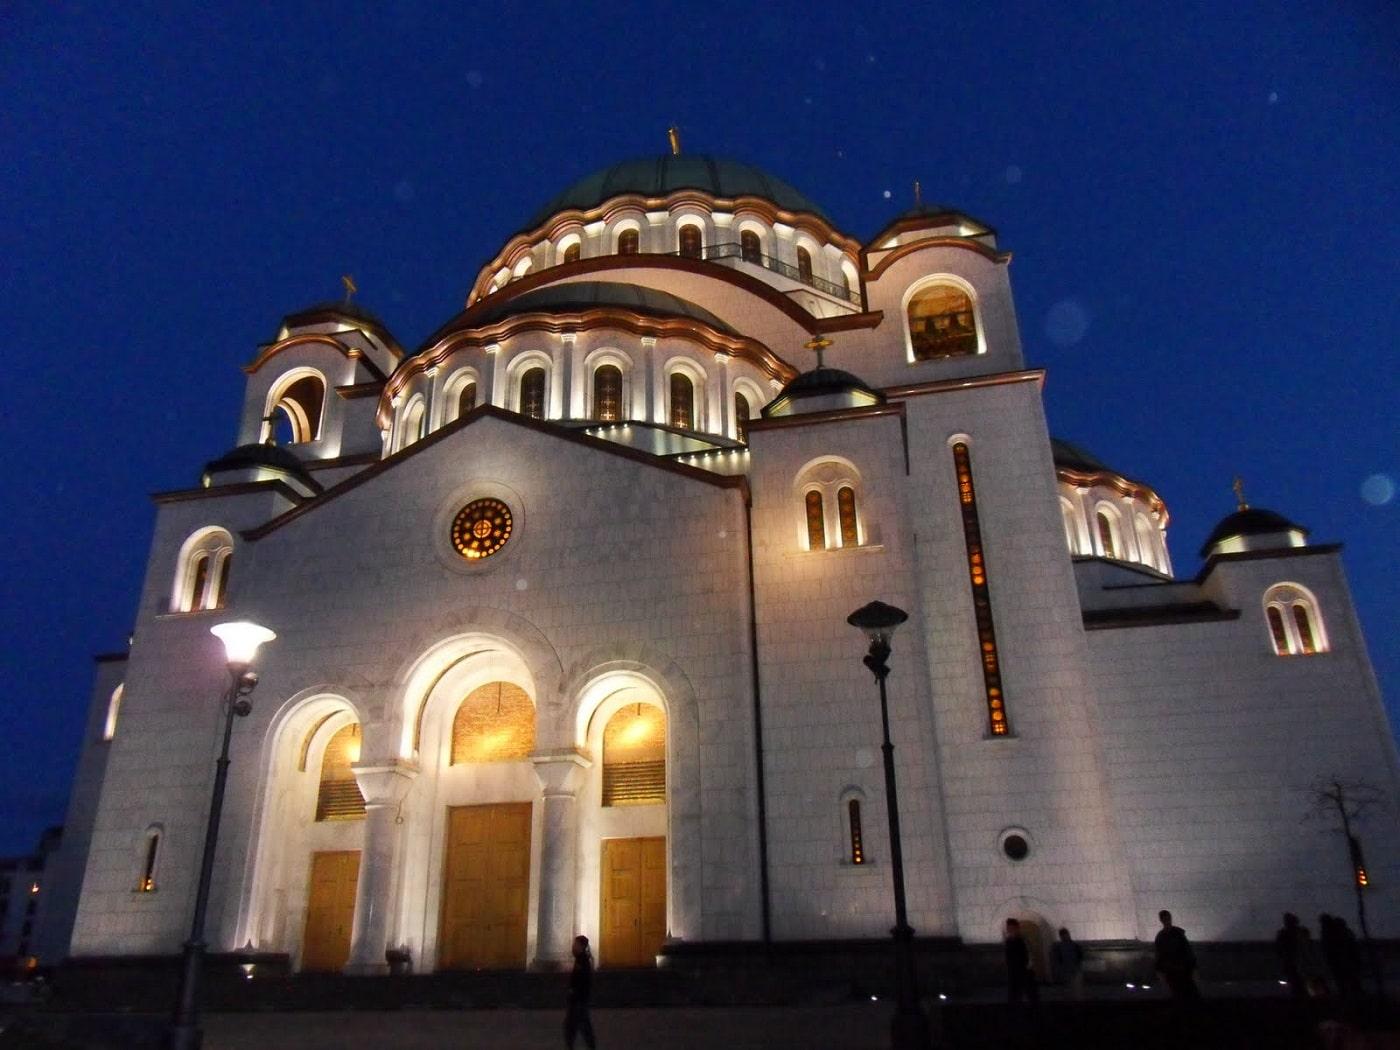 Partea laterală a Catedralei Sfântul Sava